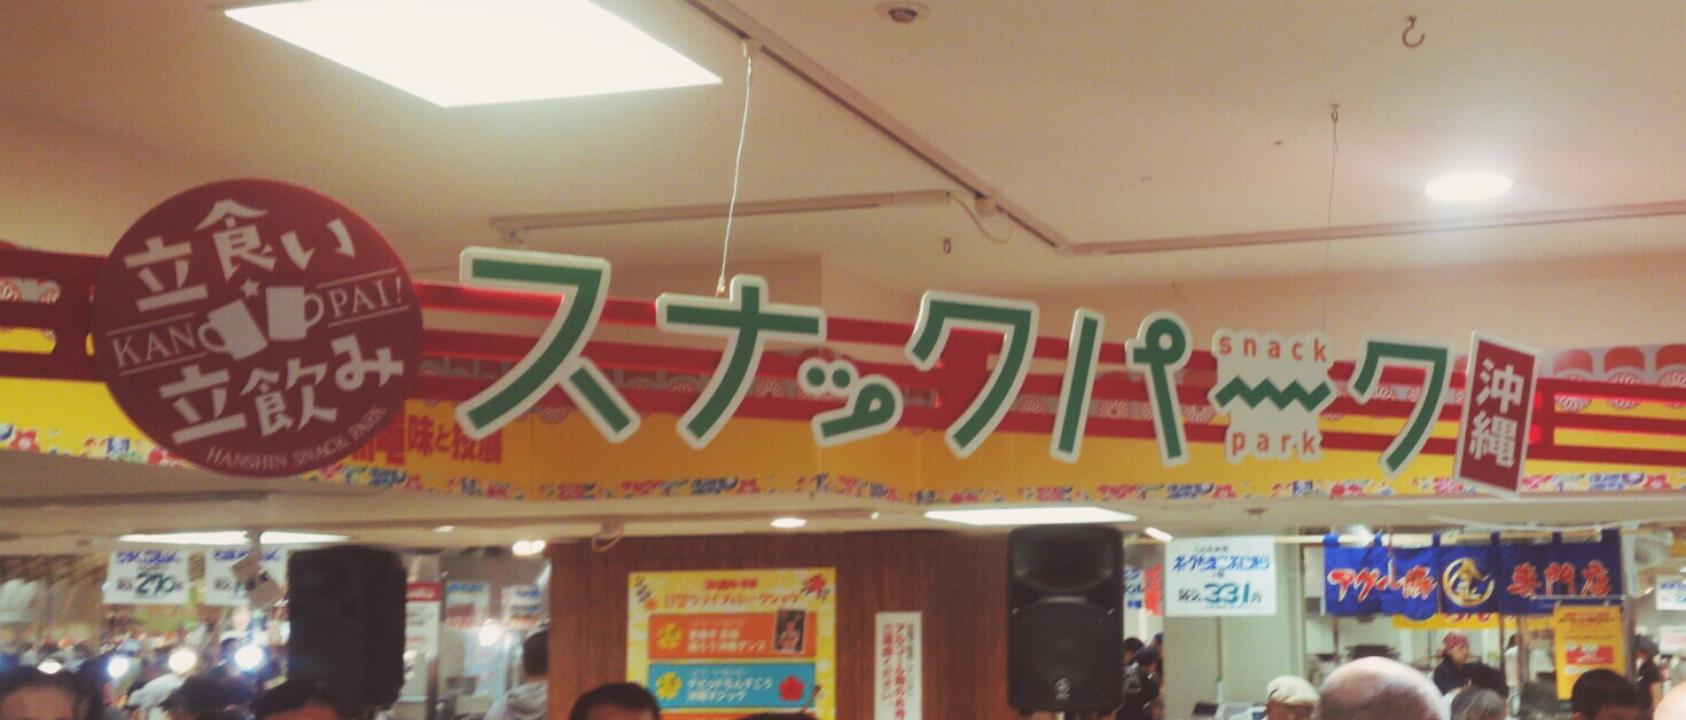 沖縄の技と味展